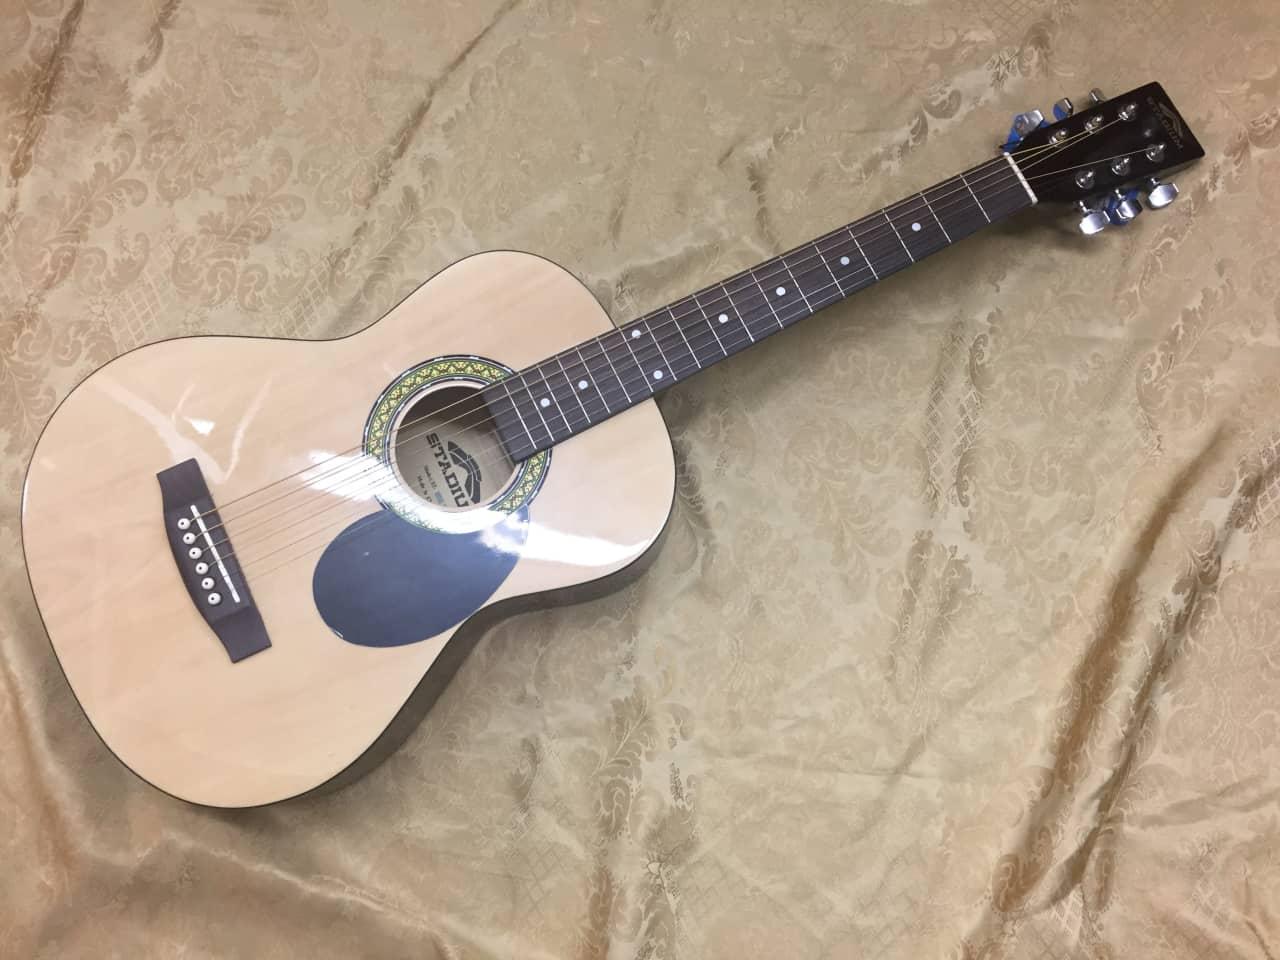 Child Size Guitar : stadium child 39 s size acoustic guitar 36 3 4 reverb ~ Hamham.info Haus und Dekorationen